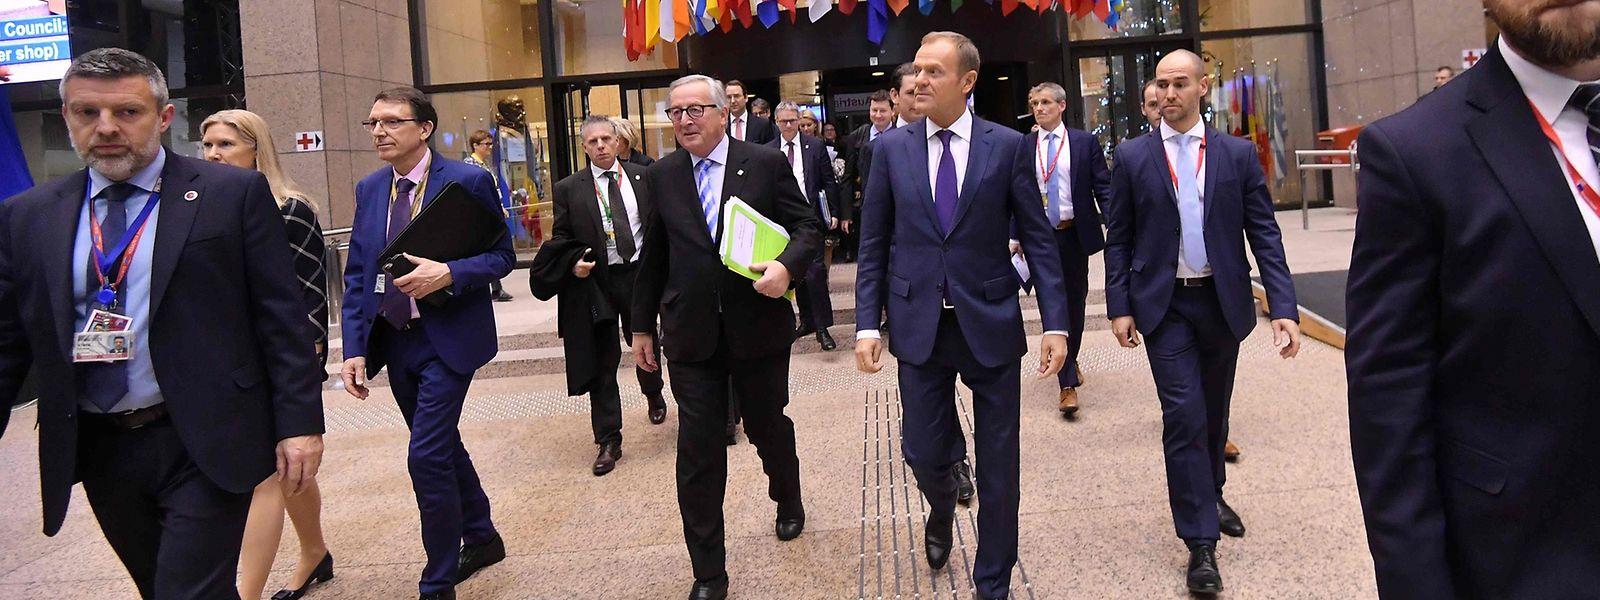 Kommissionspräsident Juncker und Ratspräsident Tusk verlassen das Sitzungsgebäude.